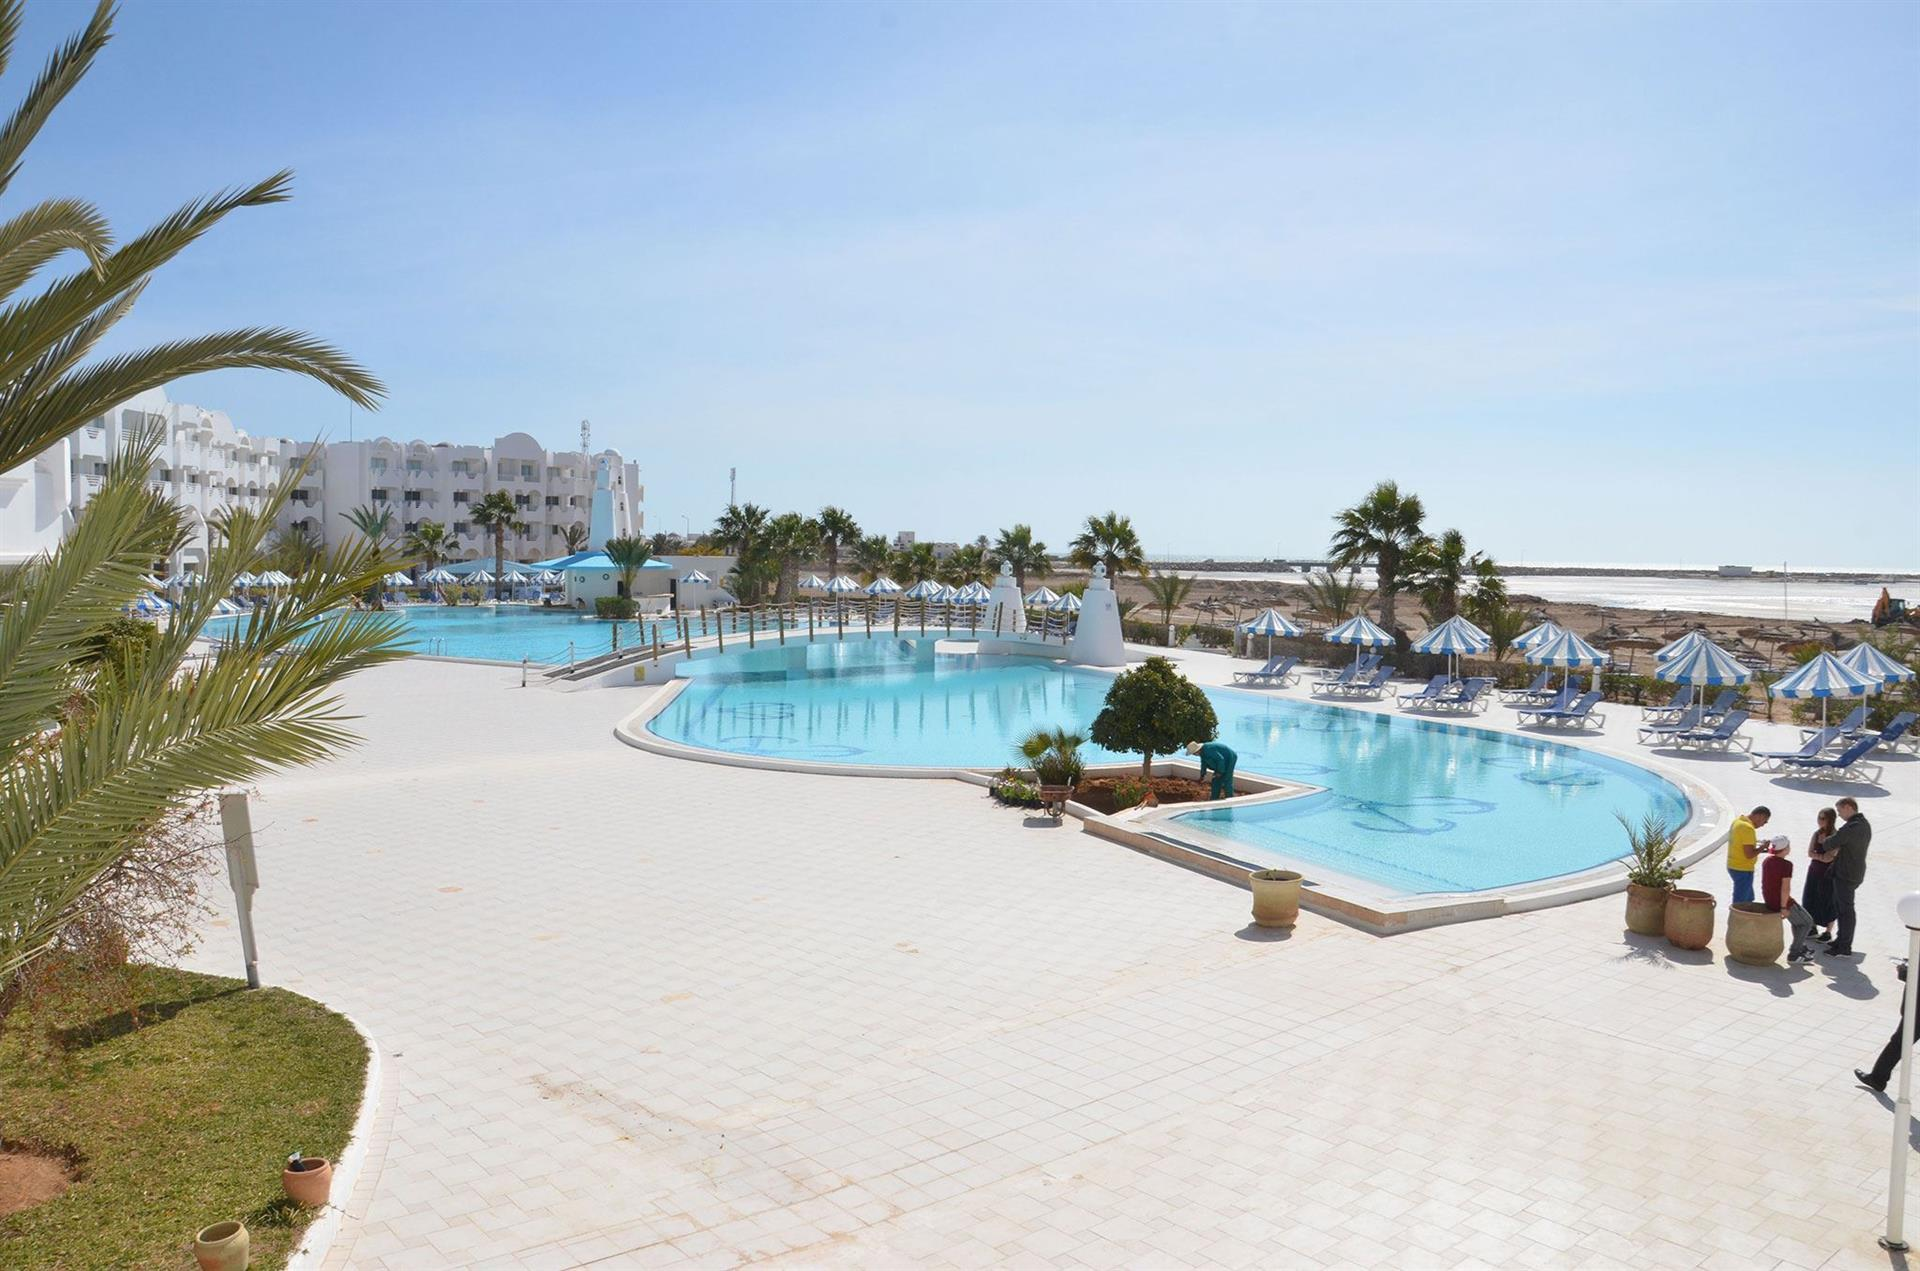 отель браво джерба тунис фото территорию самцов